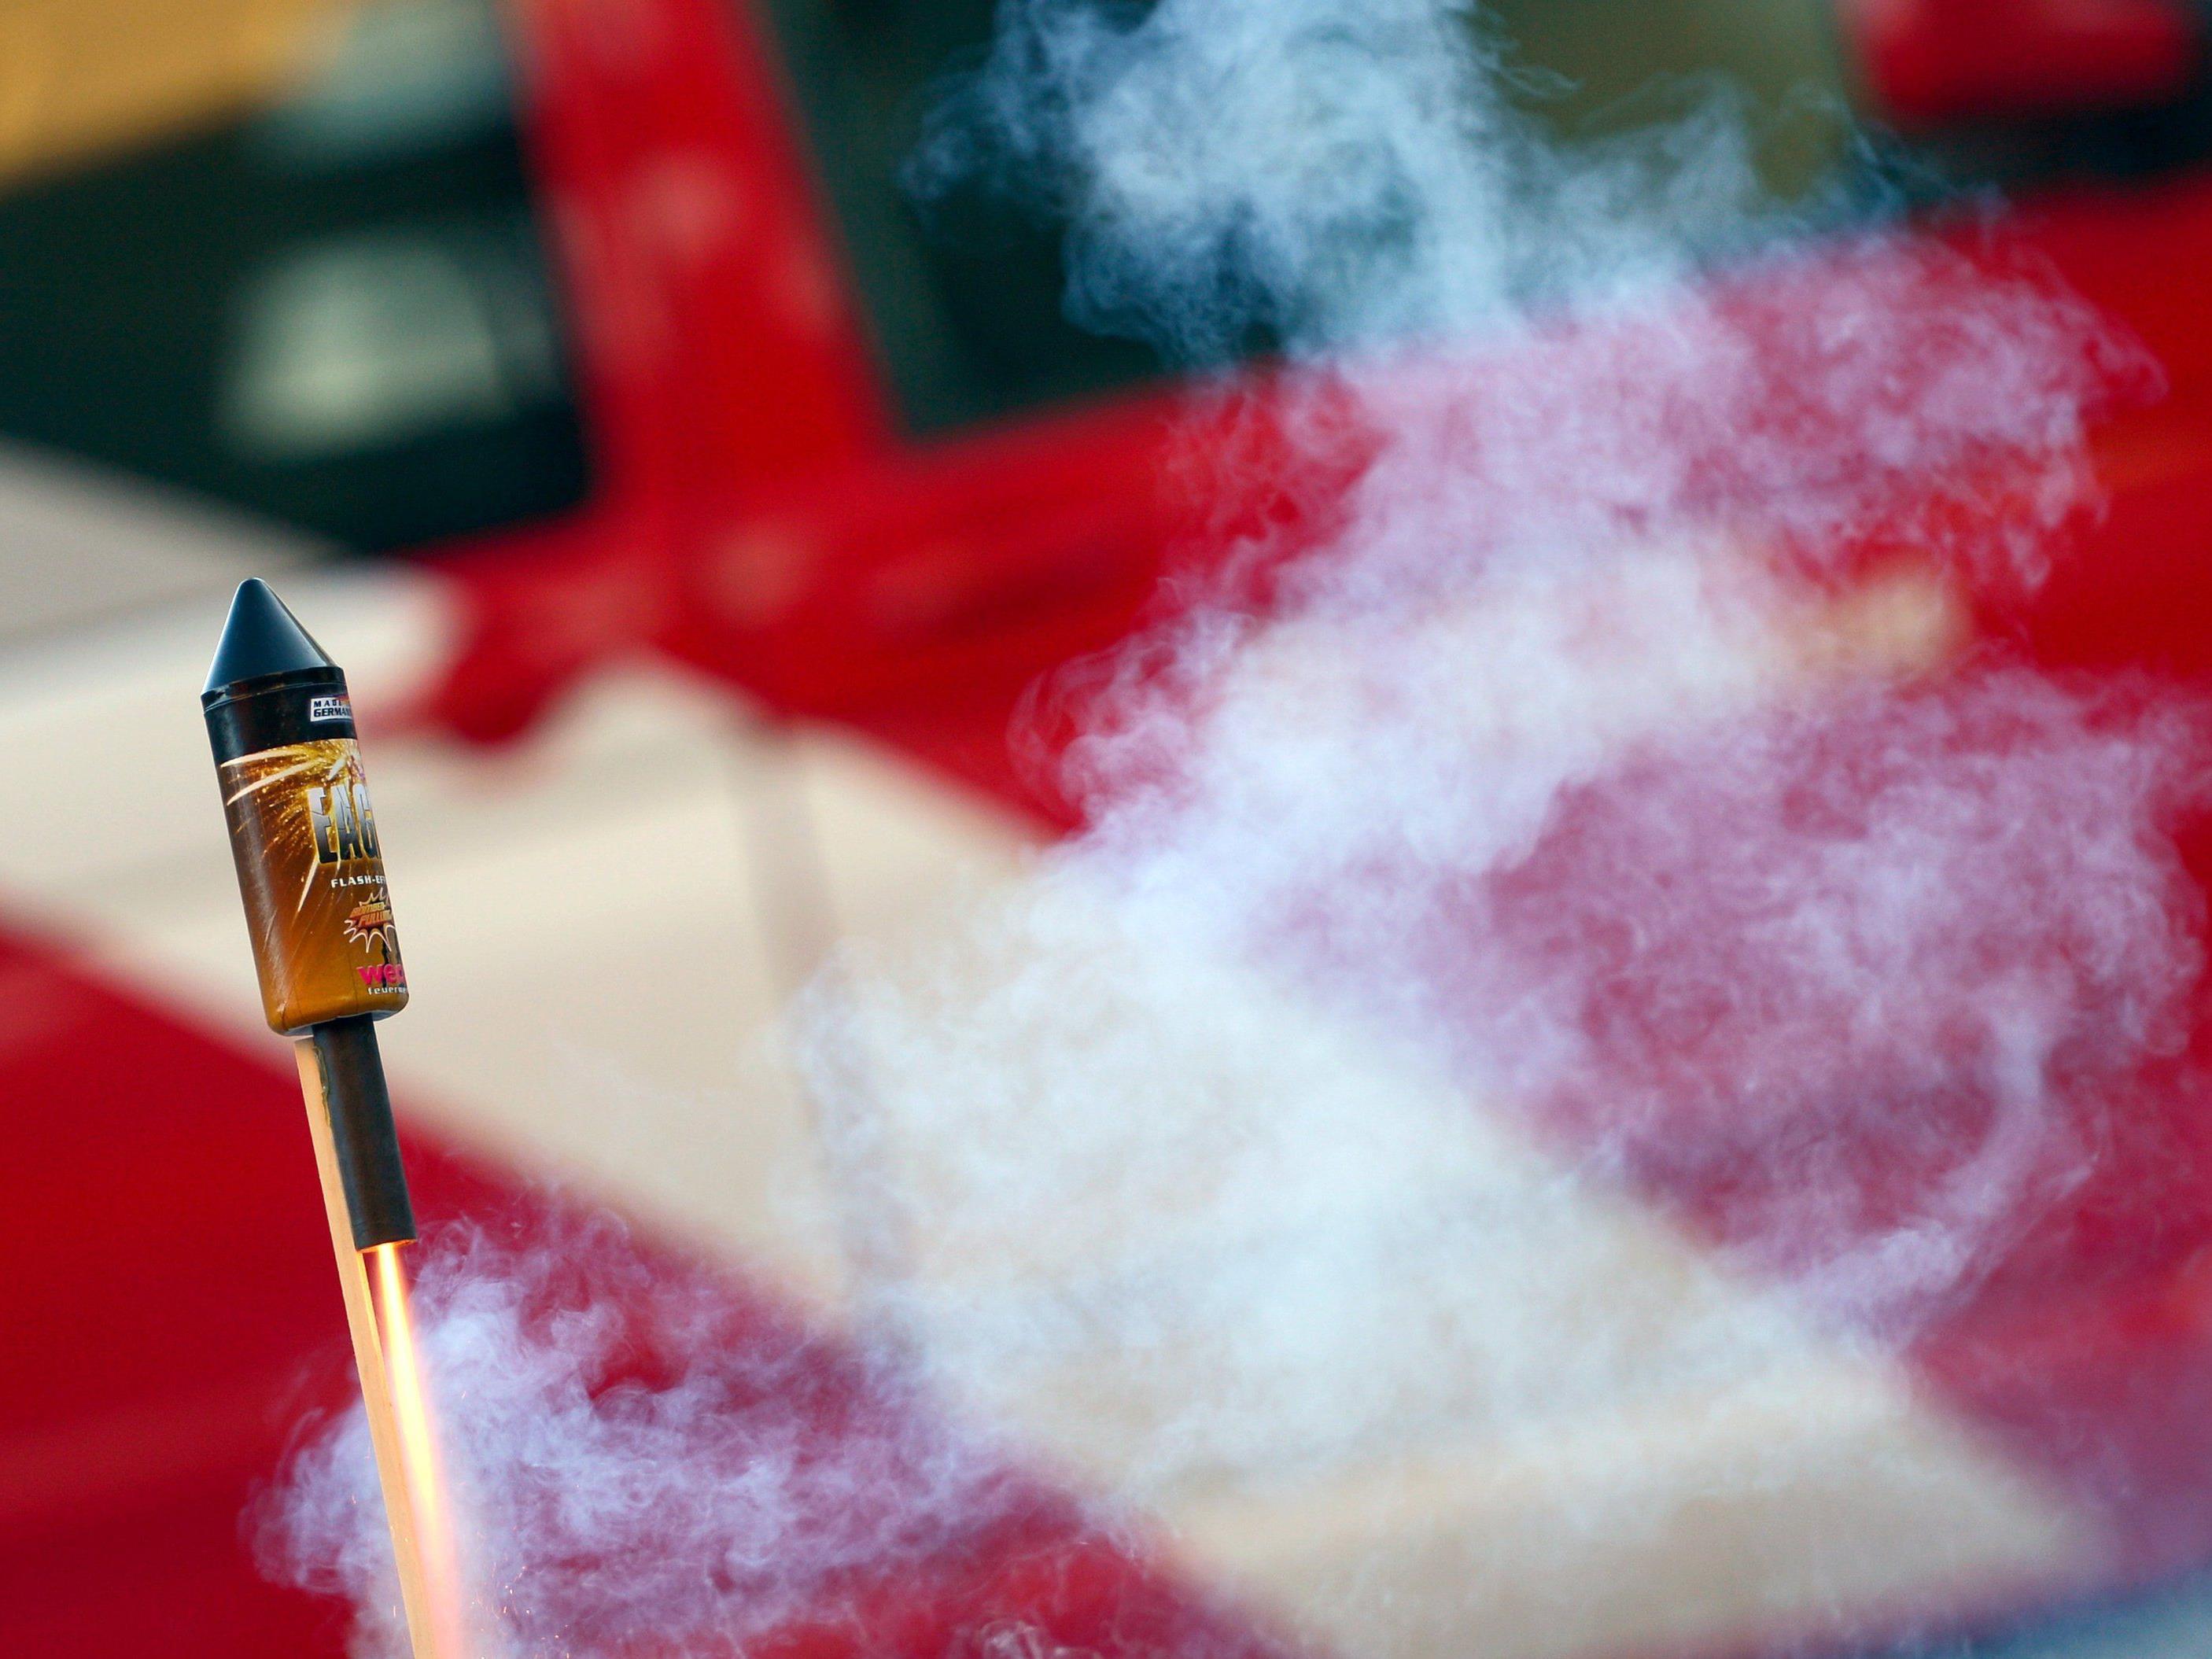 Tipps und Tricks im Umgang mit Feuerwerkskörpern.